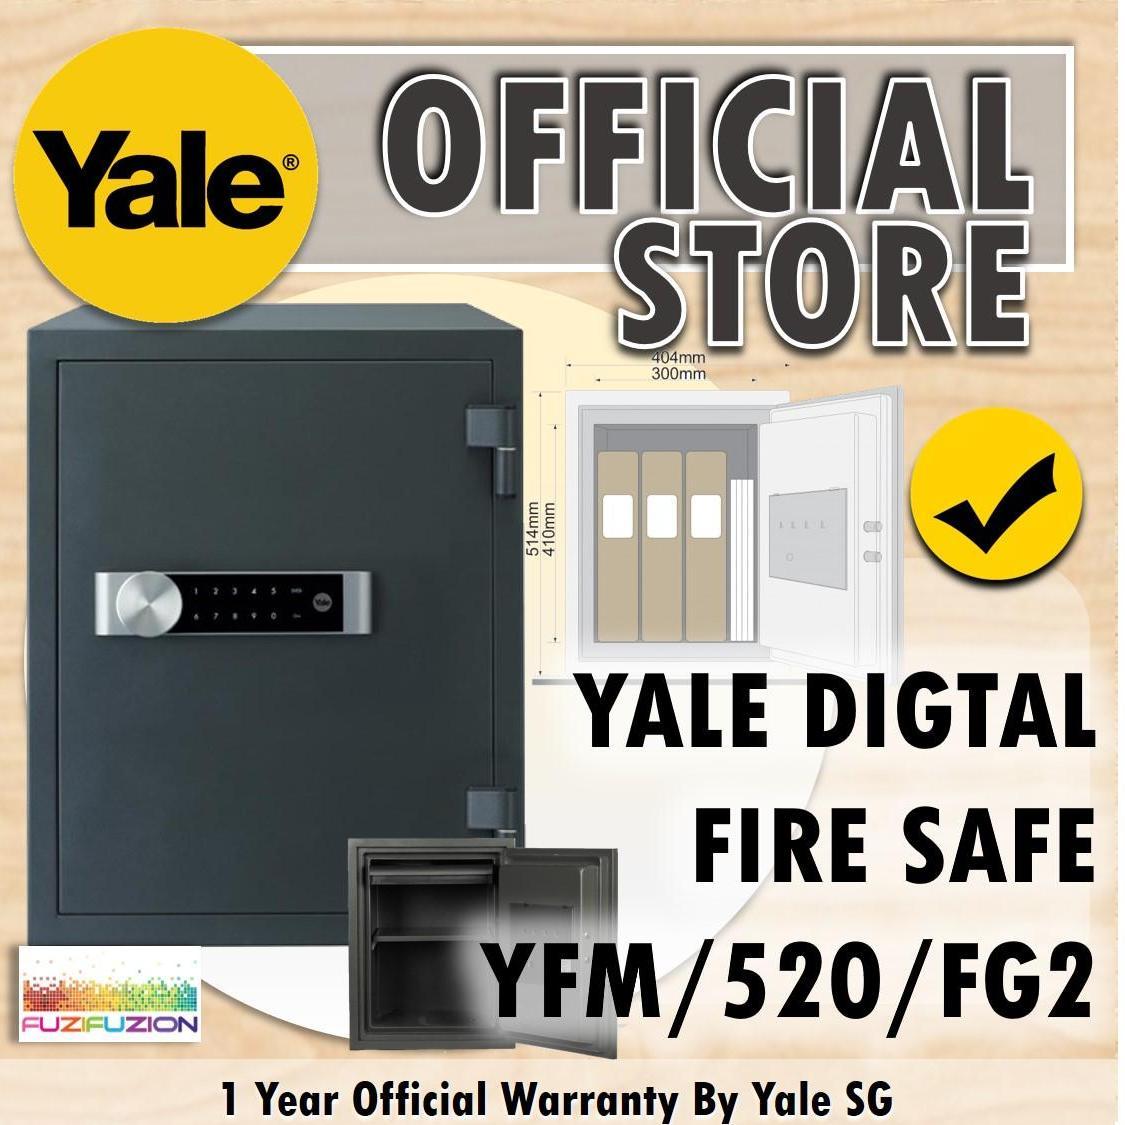 Yale YFM/520/FG2 Extra Large Electronic Document Fire Safe